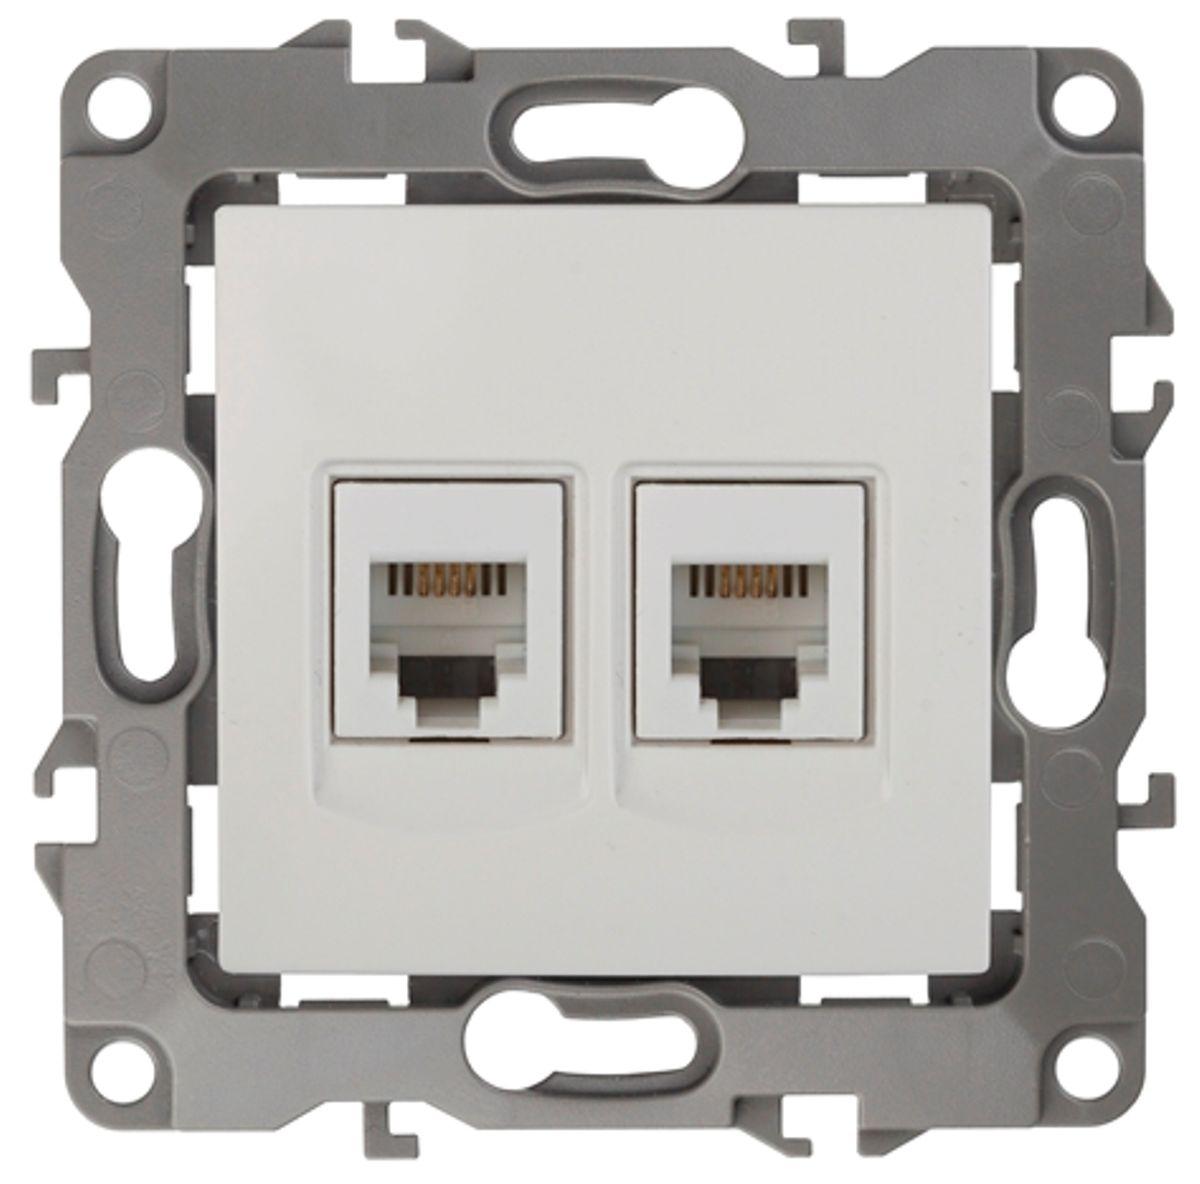 Розетка телефонная Эра, двойная, цвет: белый12-3106-01Двойная телефонная розетка Эра скрытой установки, категории 3, имеет бронзовые контакты, фиксаторы модулей и защитные прозрачные крышки. Предназначена для установки в телекоммуникационных сетях и служит для подсоединения внешних устройств (телефон, факс и прочее). Автоматические зажимы кабеля обеспечивают быстрый и надежный монтаж изделия к электросети без отвертки и не требуют обслуживания в отличие от винтовых зажимов.